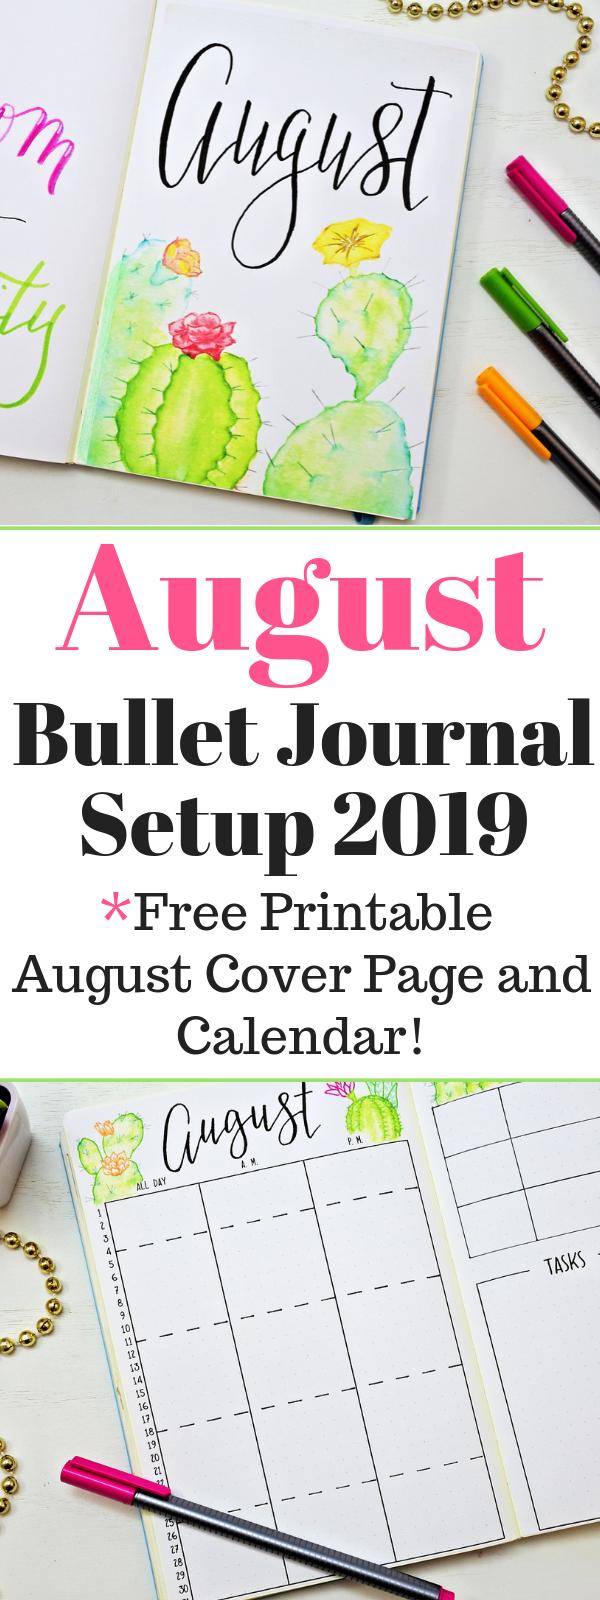 August Bullet Journal Setup #augustbulletjournal